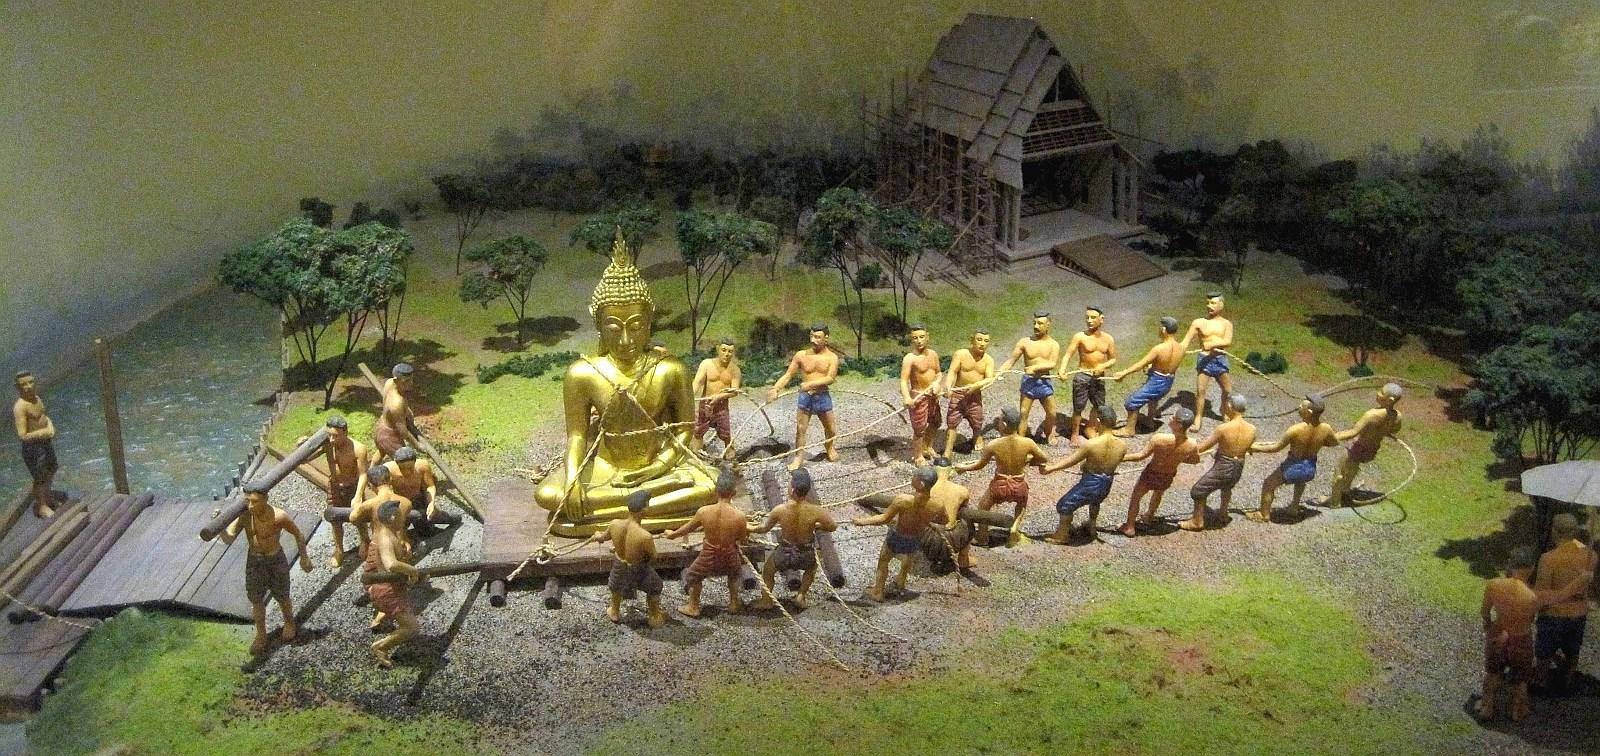 Vyobrazení přeprava Zlatého Buddhy do Wat Chotanaram